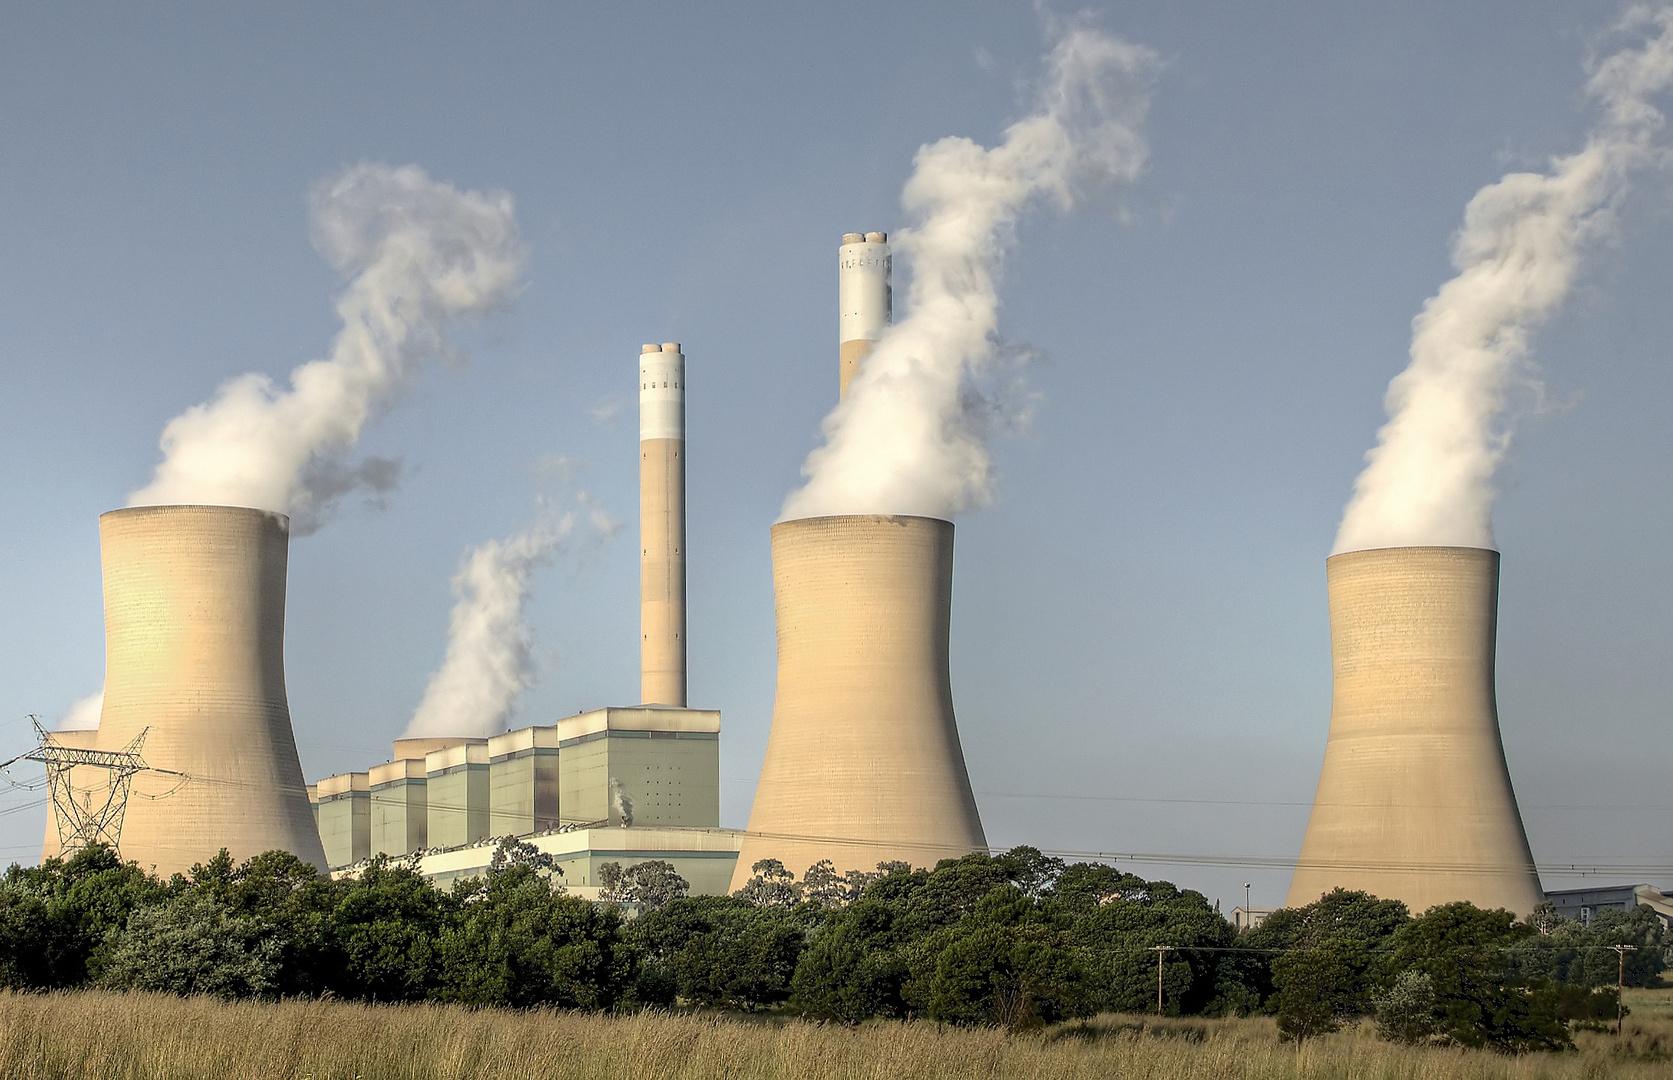 Duvha Power Station